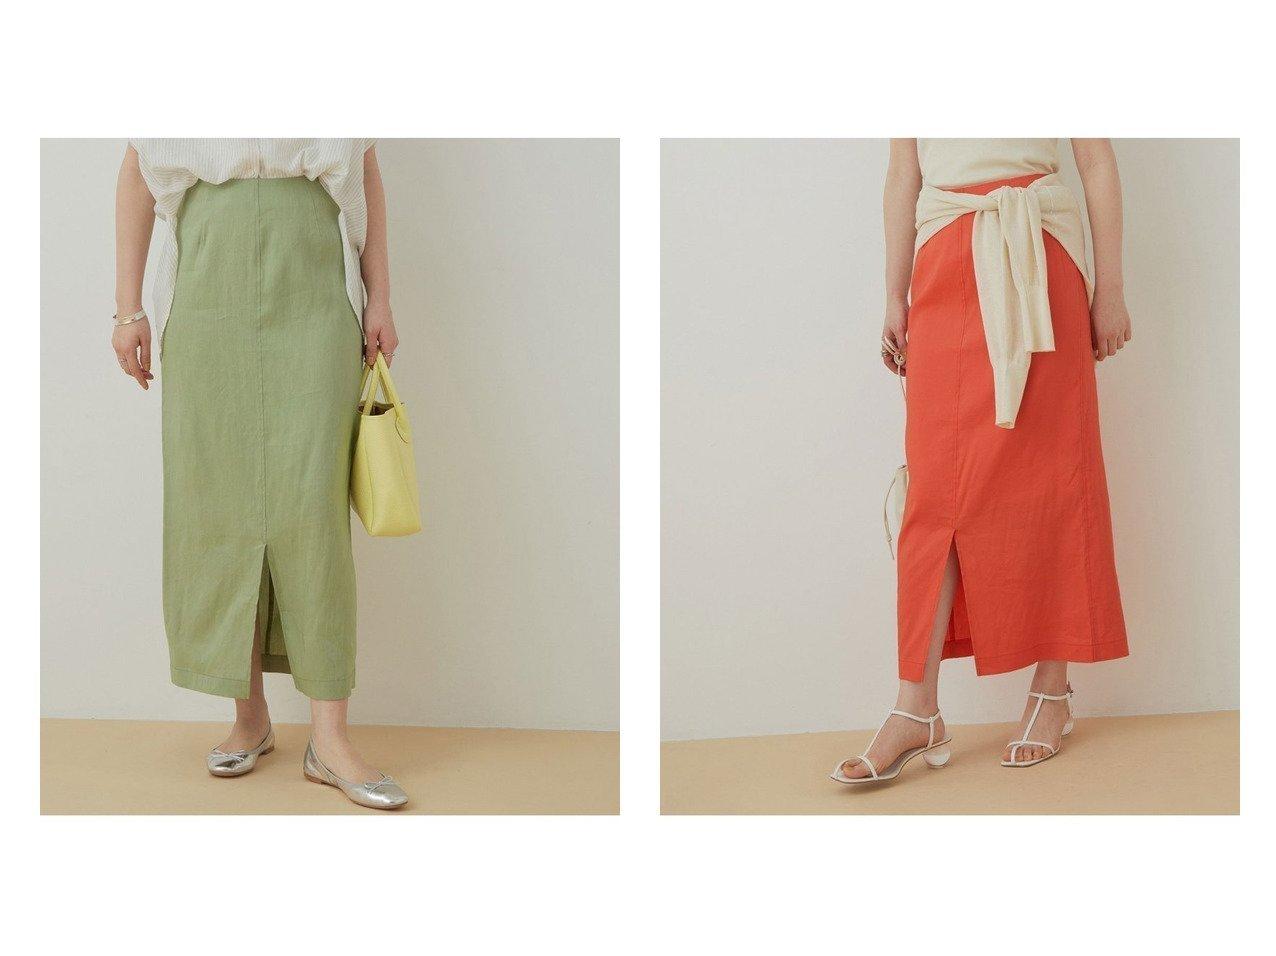 【ADAM ET ROPE'/アダム エ ロペ】のリネンMIXタイトスカート 【スカート】おすすめ!人気、トレンド・レディースファッションの通販 おすすめで人気の流行・トレンド、ファッションの通販商品 インテリア・家具・メンズファッション・キッズファッション・レディースファッション・服の通販 founy(ファニー) https://founy.com/ ファッション Fashion レディースファッション WOMEN スカート Skirt オレンジ 春 Spring サンダル シンプル ストレッチ スニーカー スリット タイトスカート 定番 Standard フロント ポケット リネン 2021年 2021 S/S・春夏 SS・Spring/Summer 2021春夏・S/S SS/Spring/Summer/2021 おすすめ Recommend 夏 Summer |ID:crp329100000063744